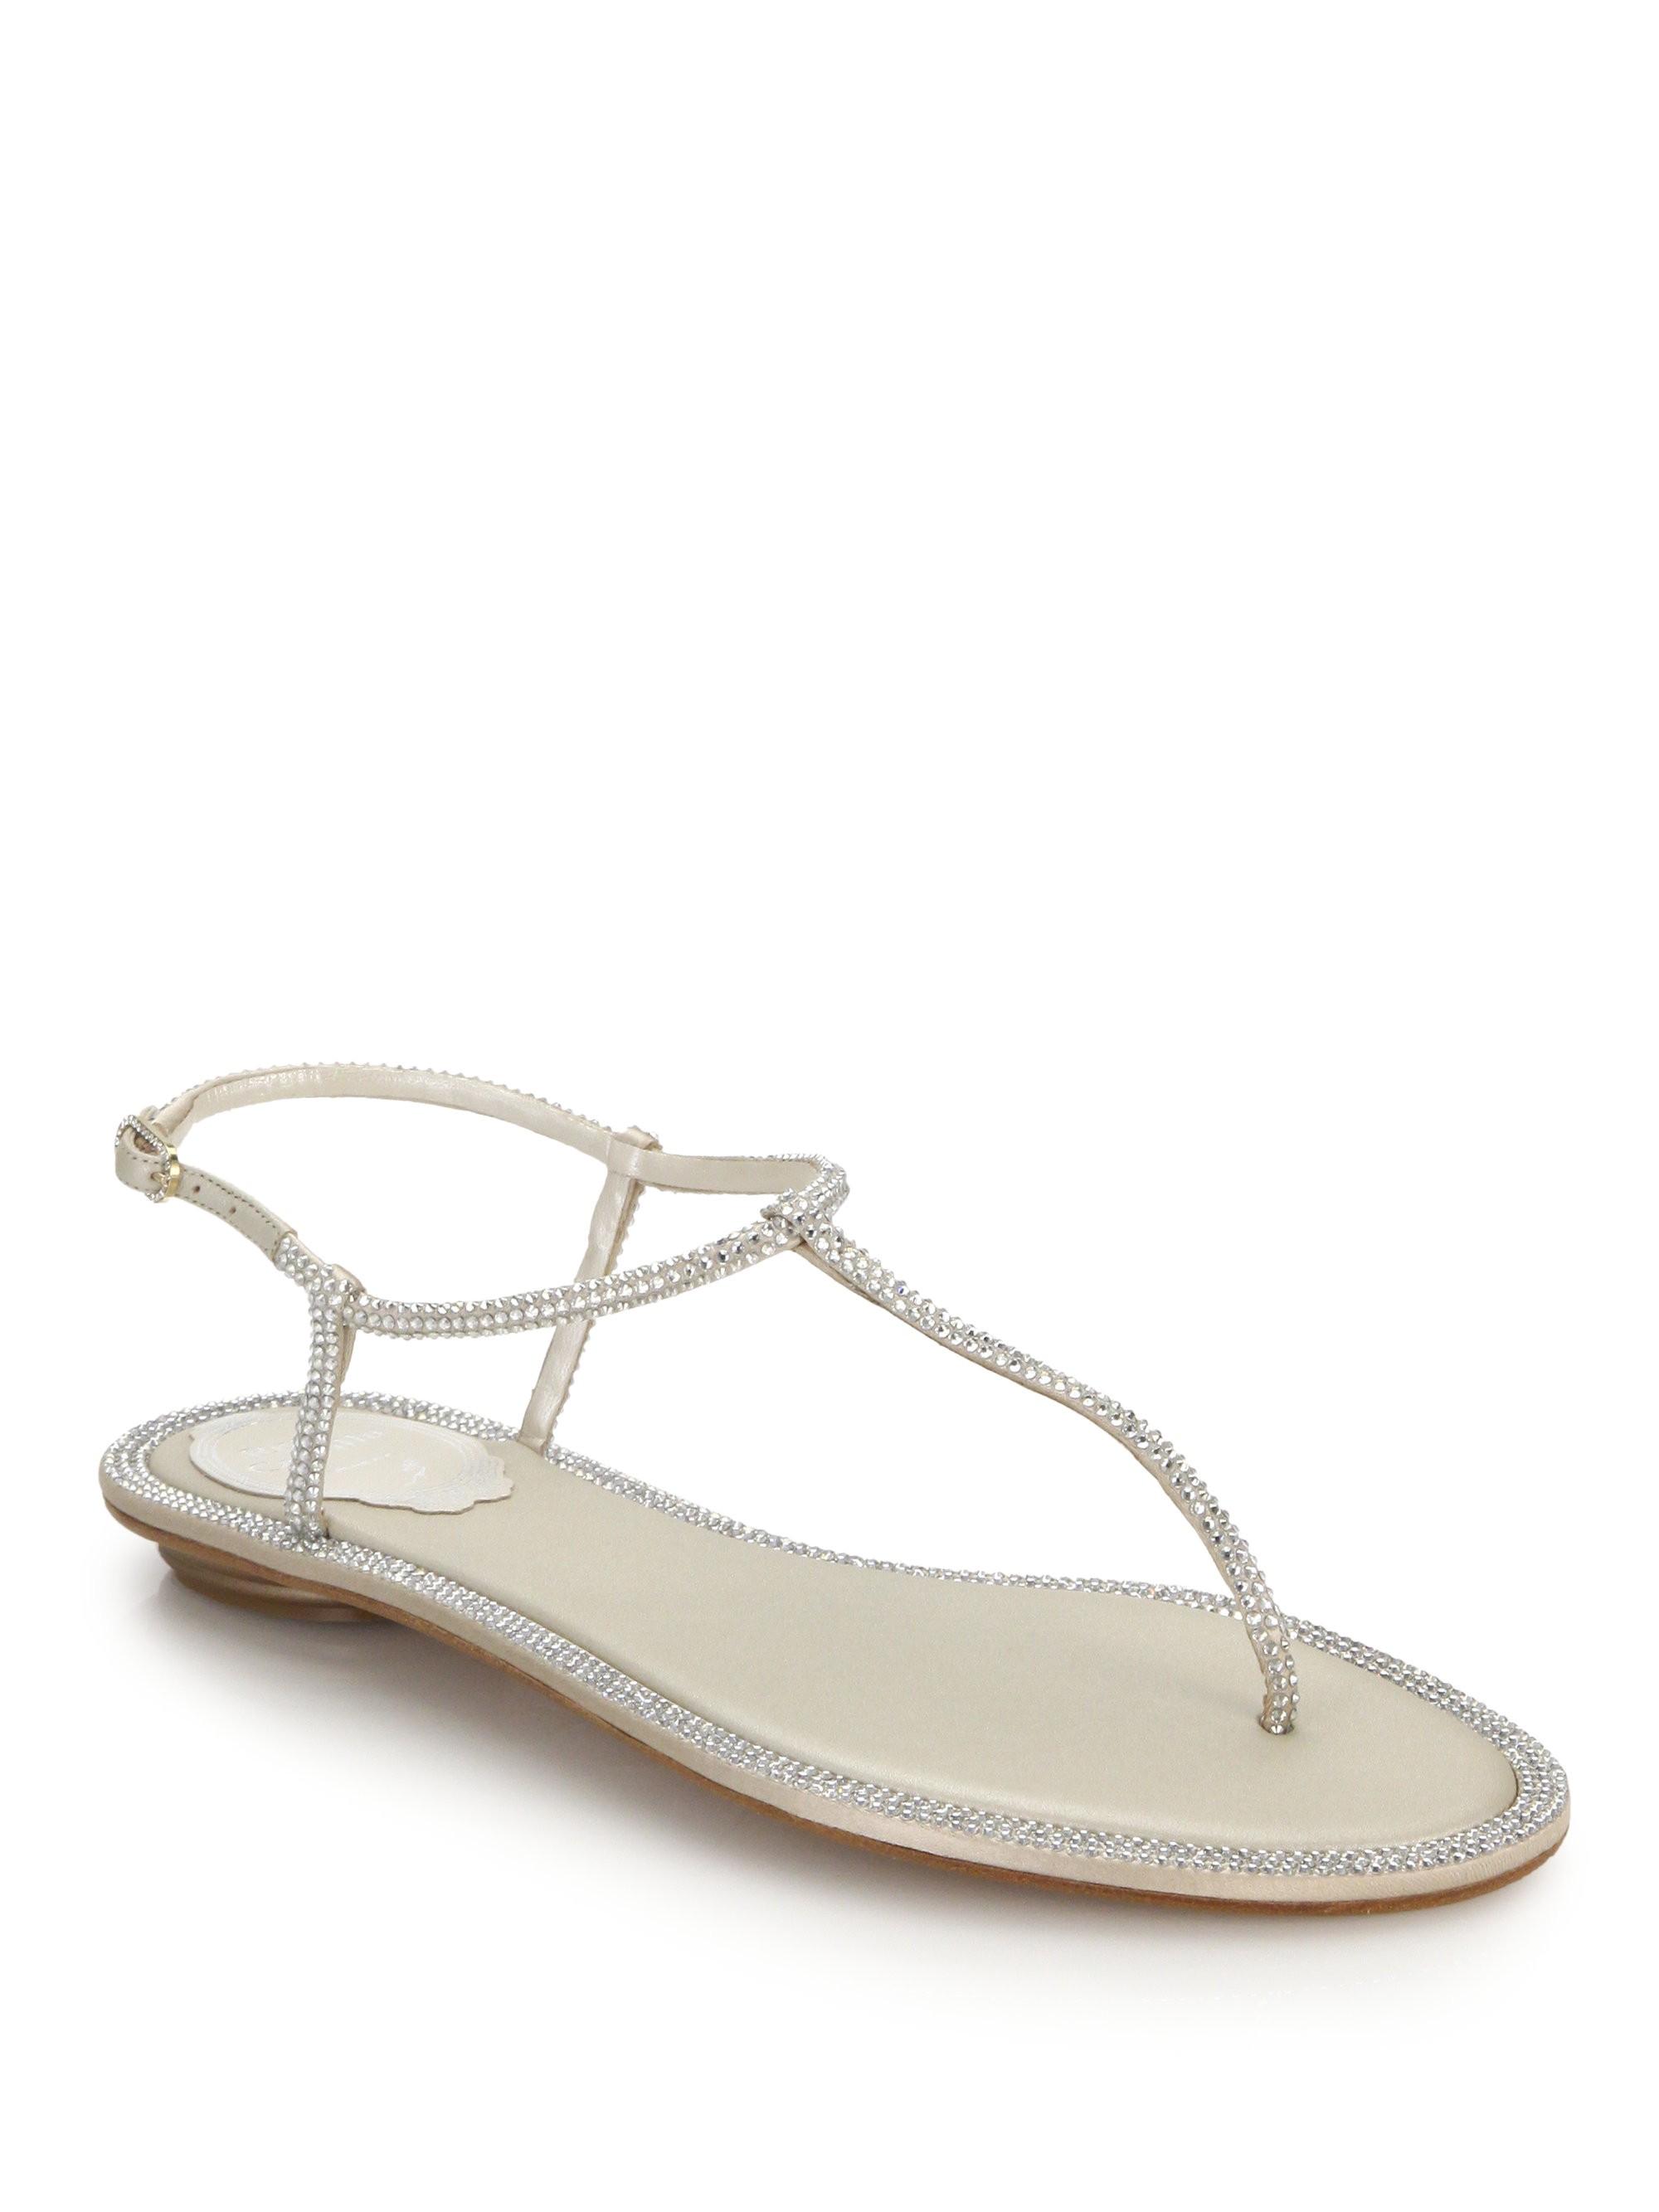 c0c4c3432202 Rene Caovilla Crystal-Embellished Satin T-Strap Sandals - Beige 38.5 (8.5)